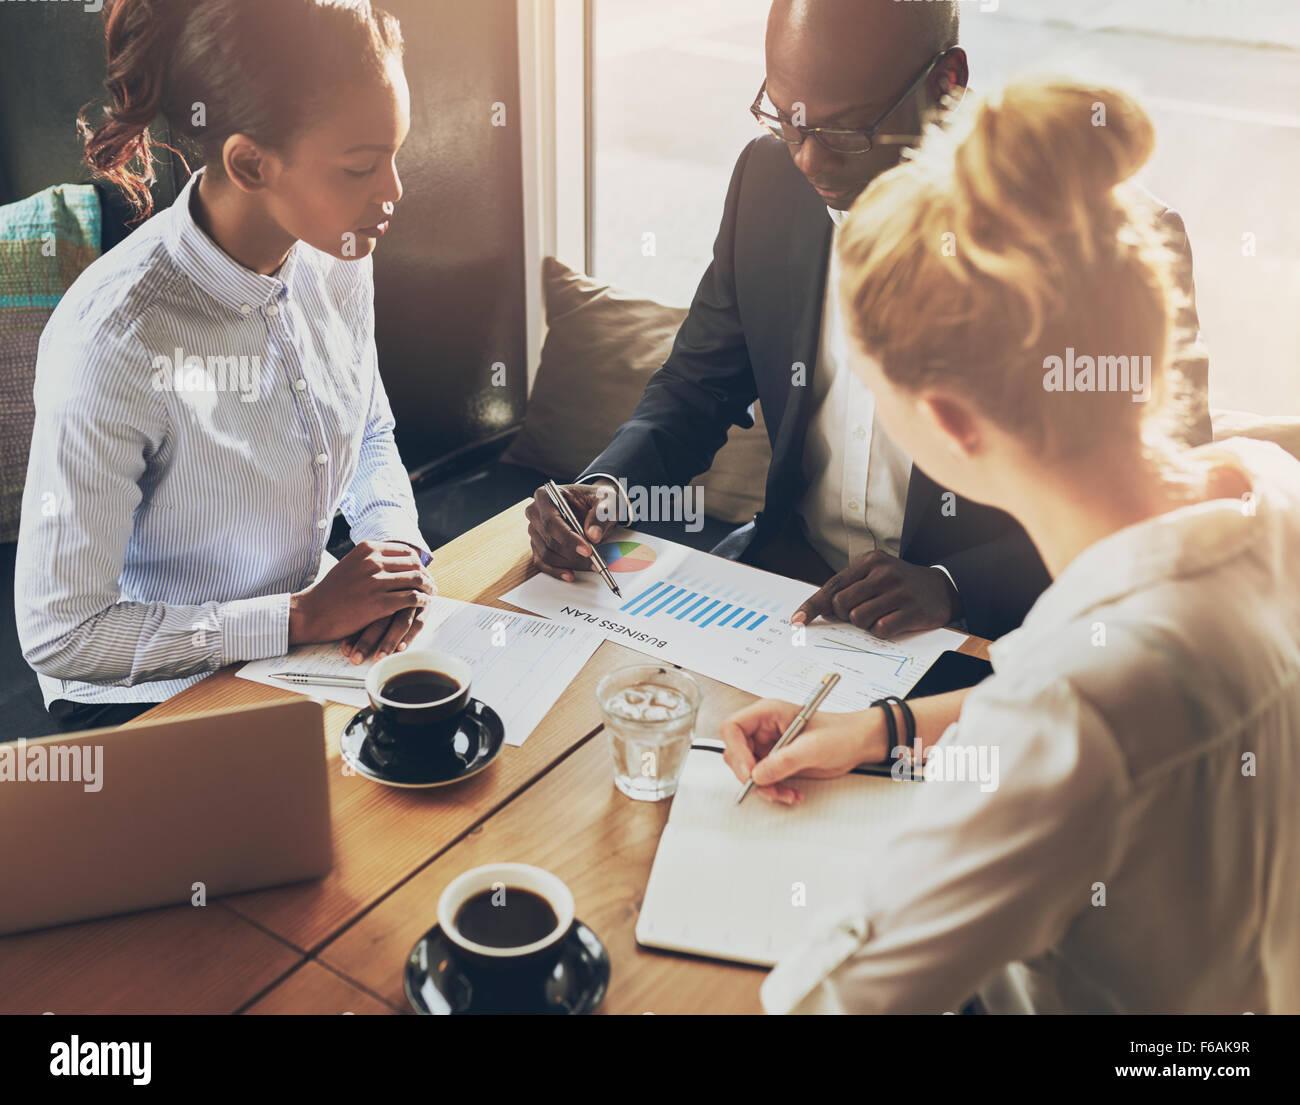 Geschäftsleute über die Tabellen und Grafiken zeigen die Ergebnisse ihrer erfolgreichen Teamarbeit, multi Stockbild